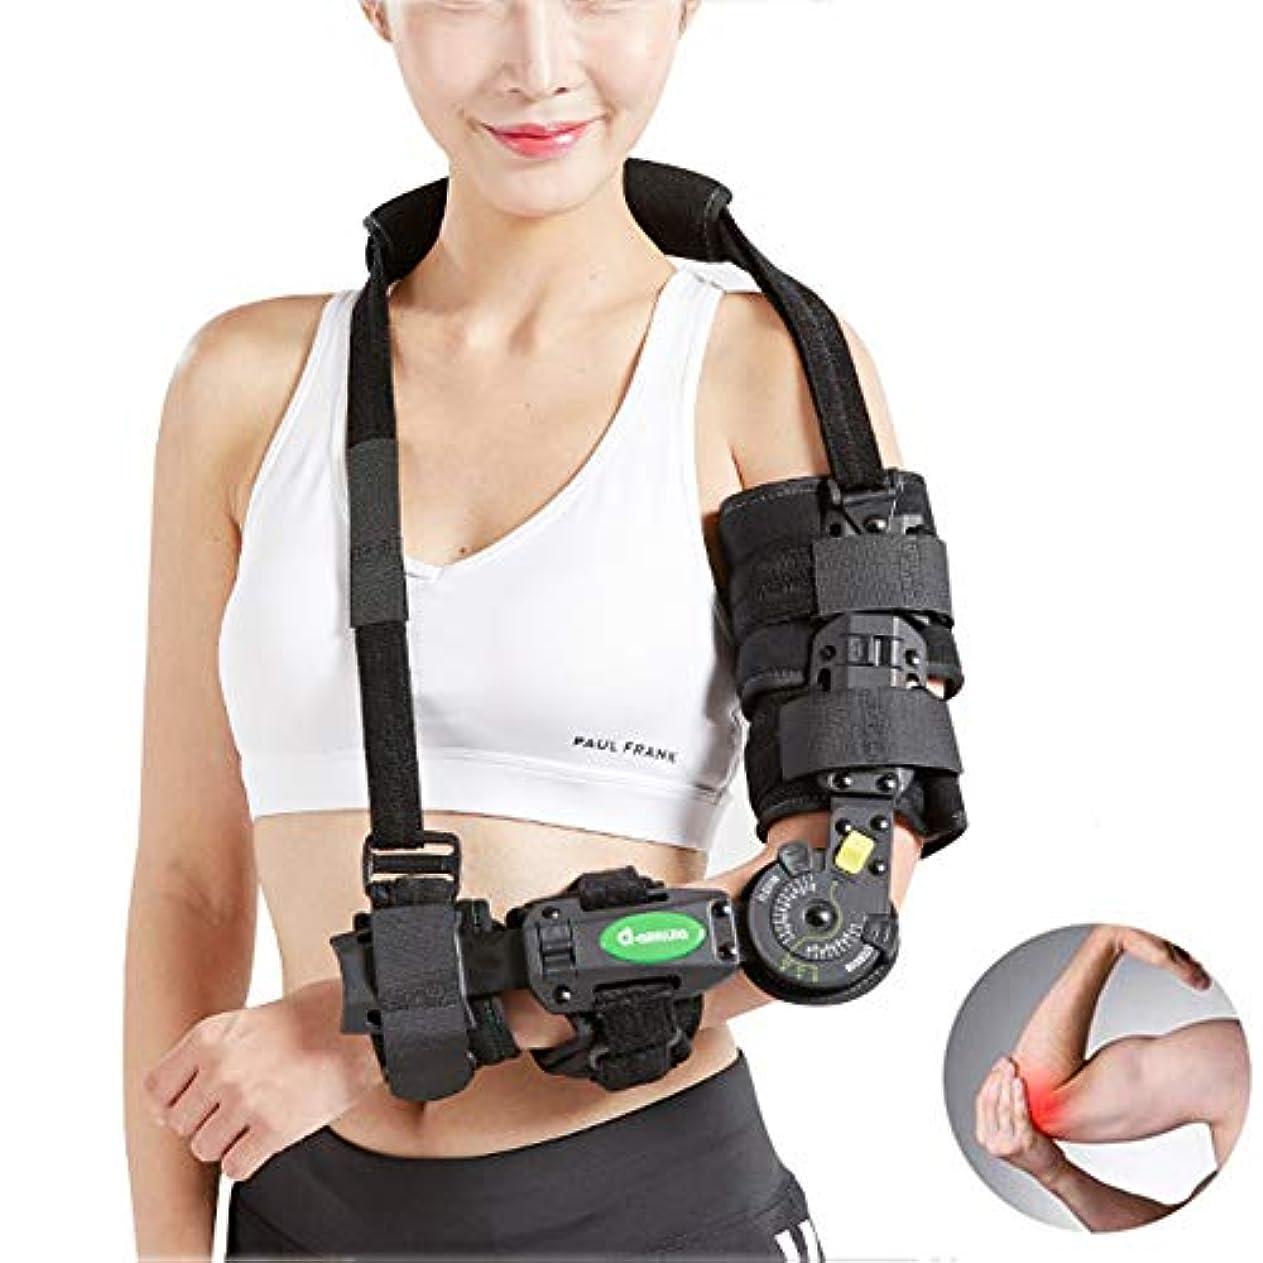 徹底的に一見プログラム調整可能なアームスリングヒンジ付き肘ブレースサポート、術前?術後支援サポート&骨折した腕の上昇、外傷回復、腕固定ワンサイズ - ユニセックス